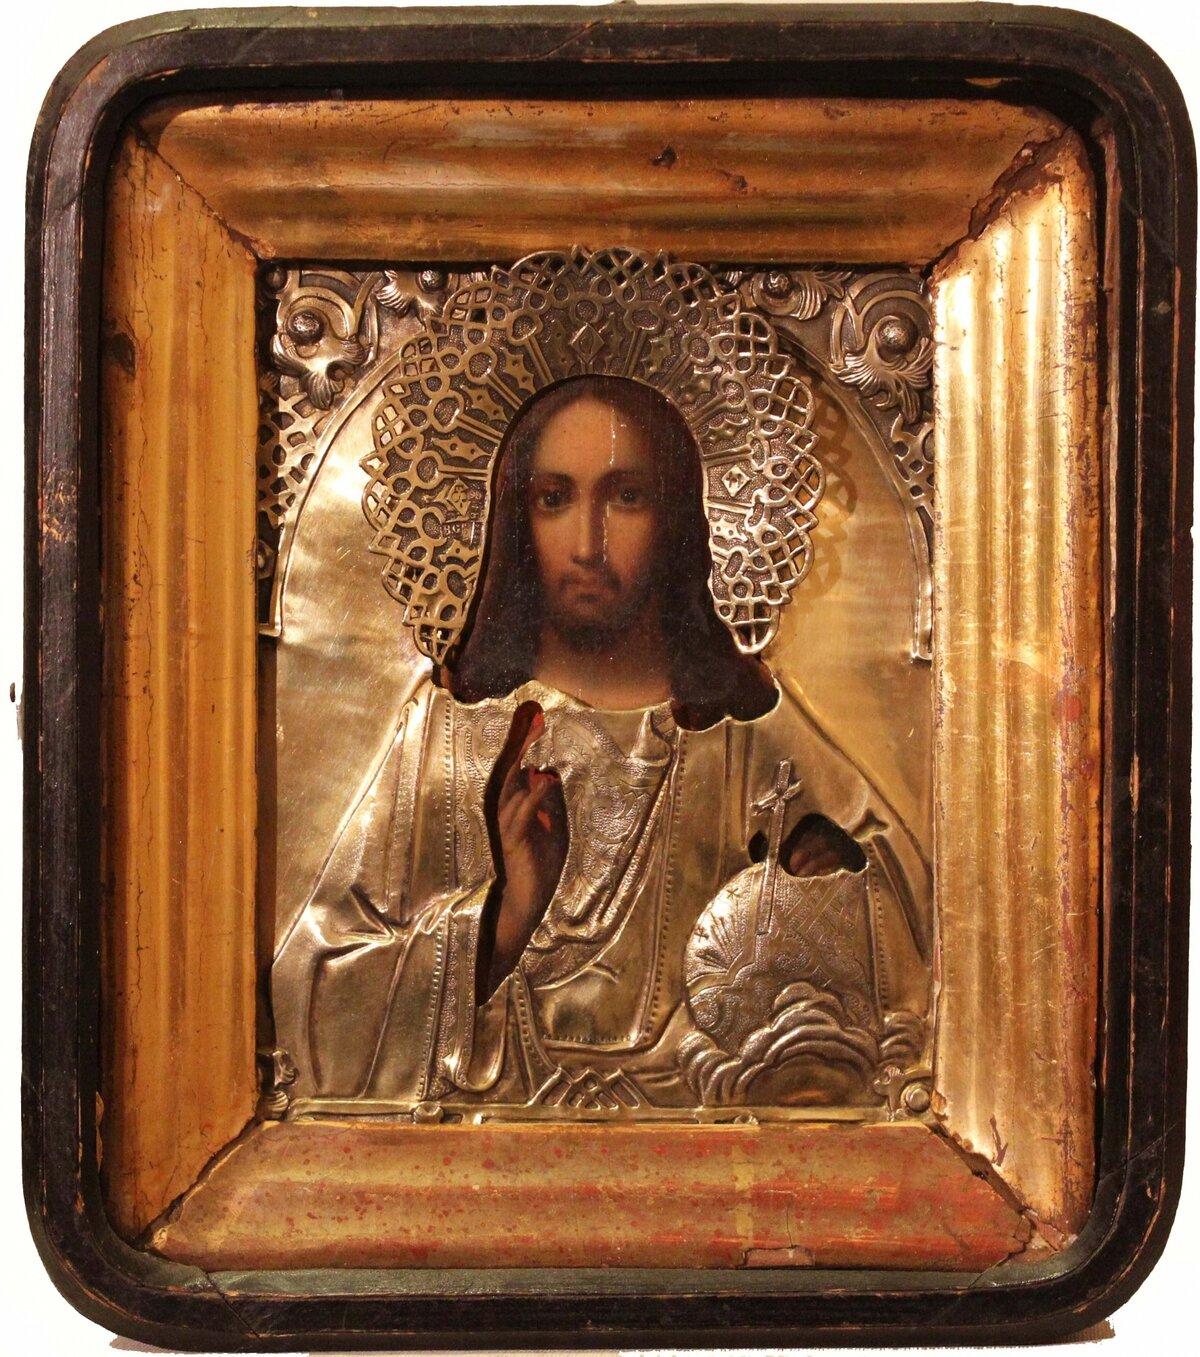 того кто коллекция старинных икон фото свежих фото